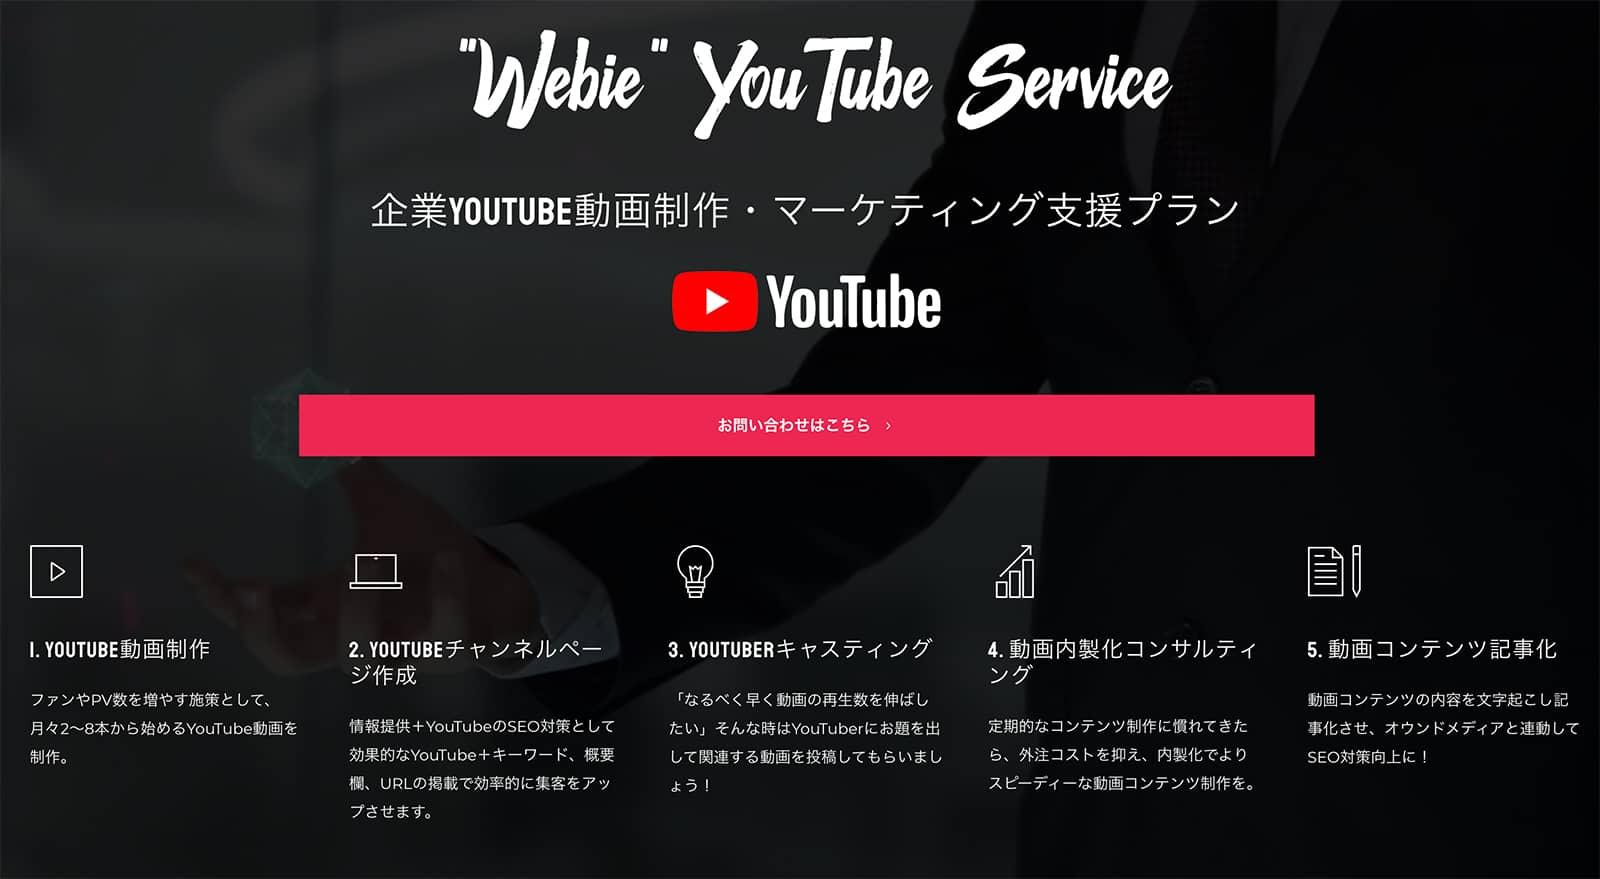 企業YouTube動画制作・マーケティング Webie(ウェビー)